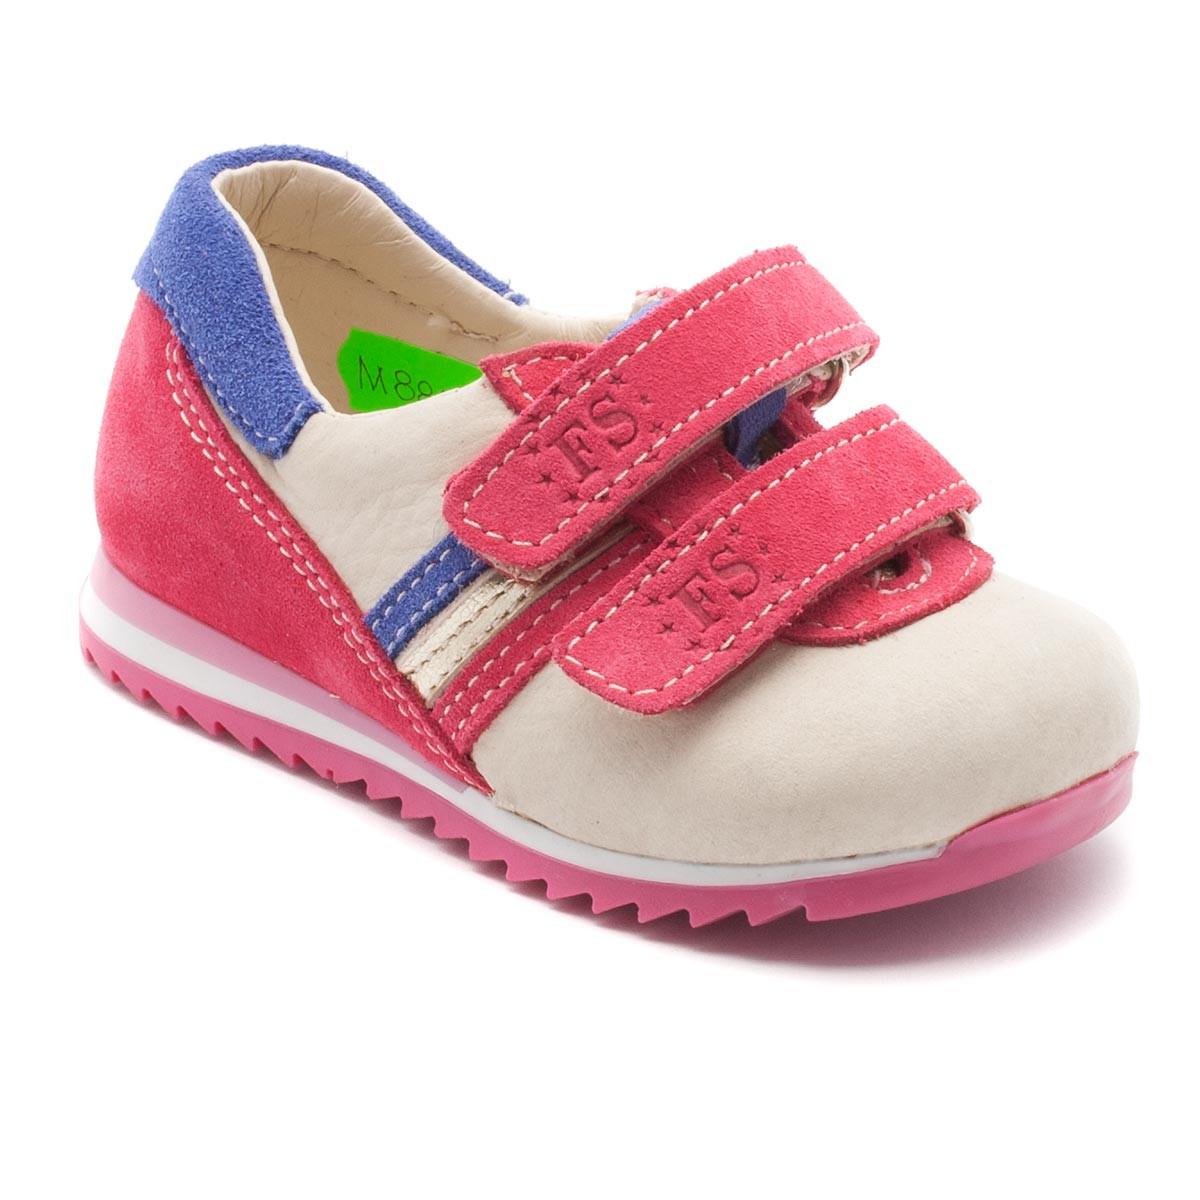 4a0d8307 Детские кроссовки FS Сollection на липучках, натуральная кожа, для девочки,  размер 20-